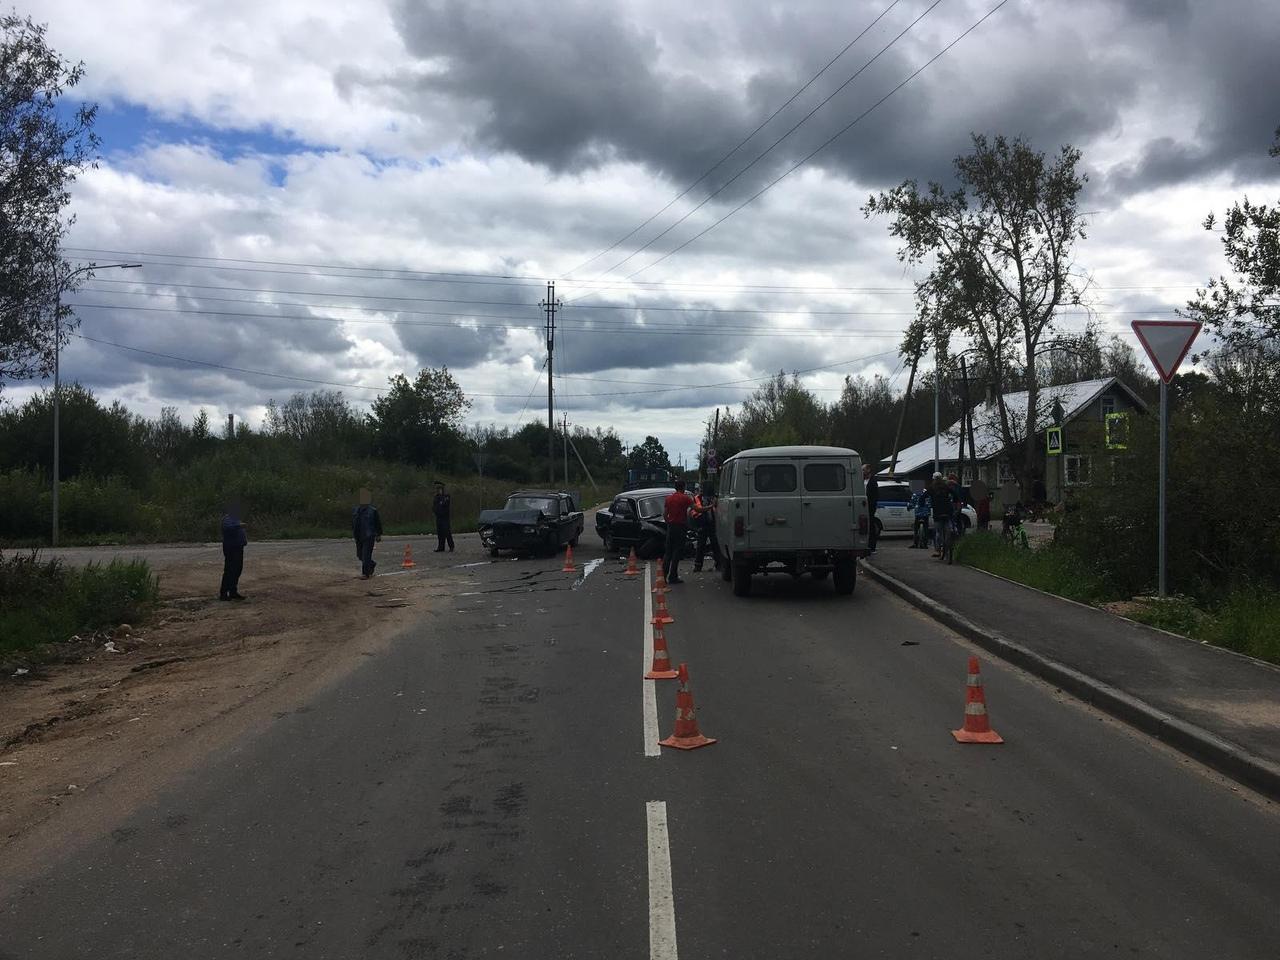 ВАЗ, ГАЗ и УАЗ столкнулись в Тверской области, пострадала женщина - новости Афанасий